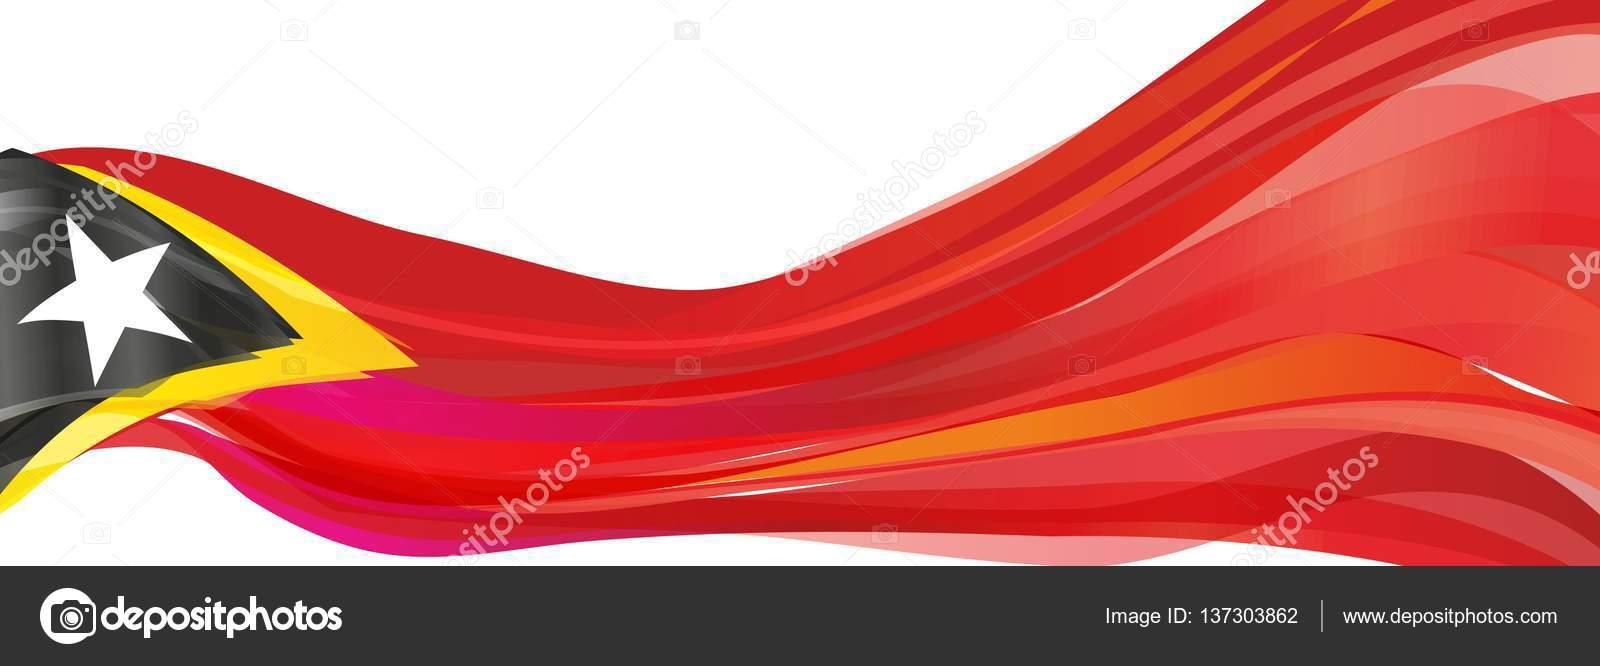 bandera verde blanca estrella roja